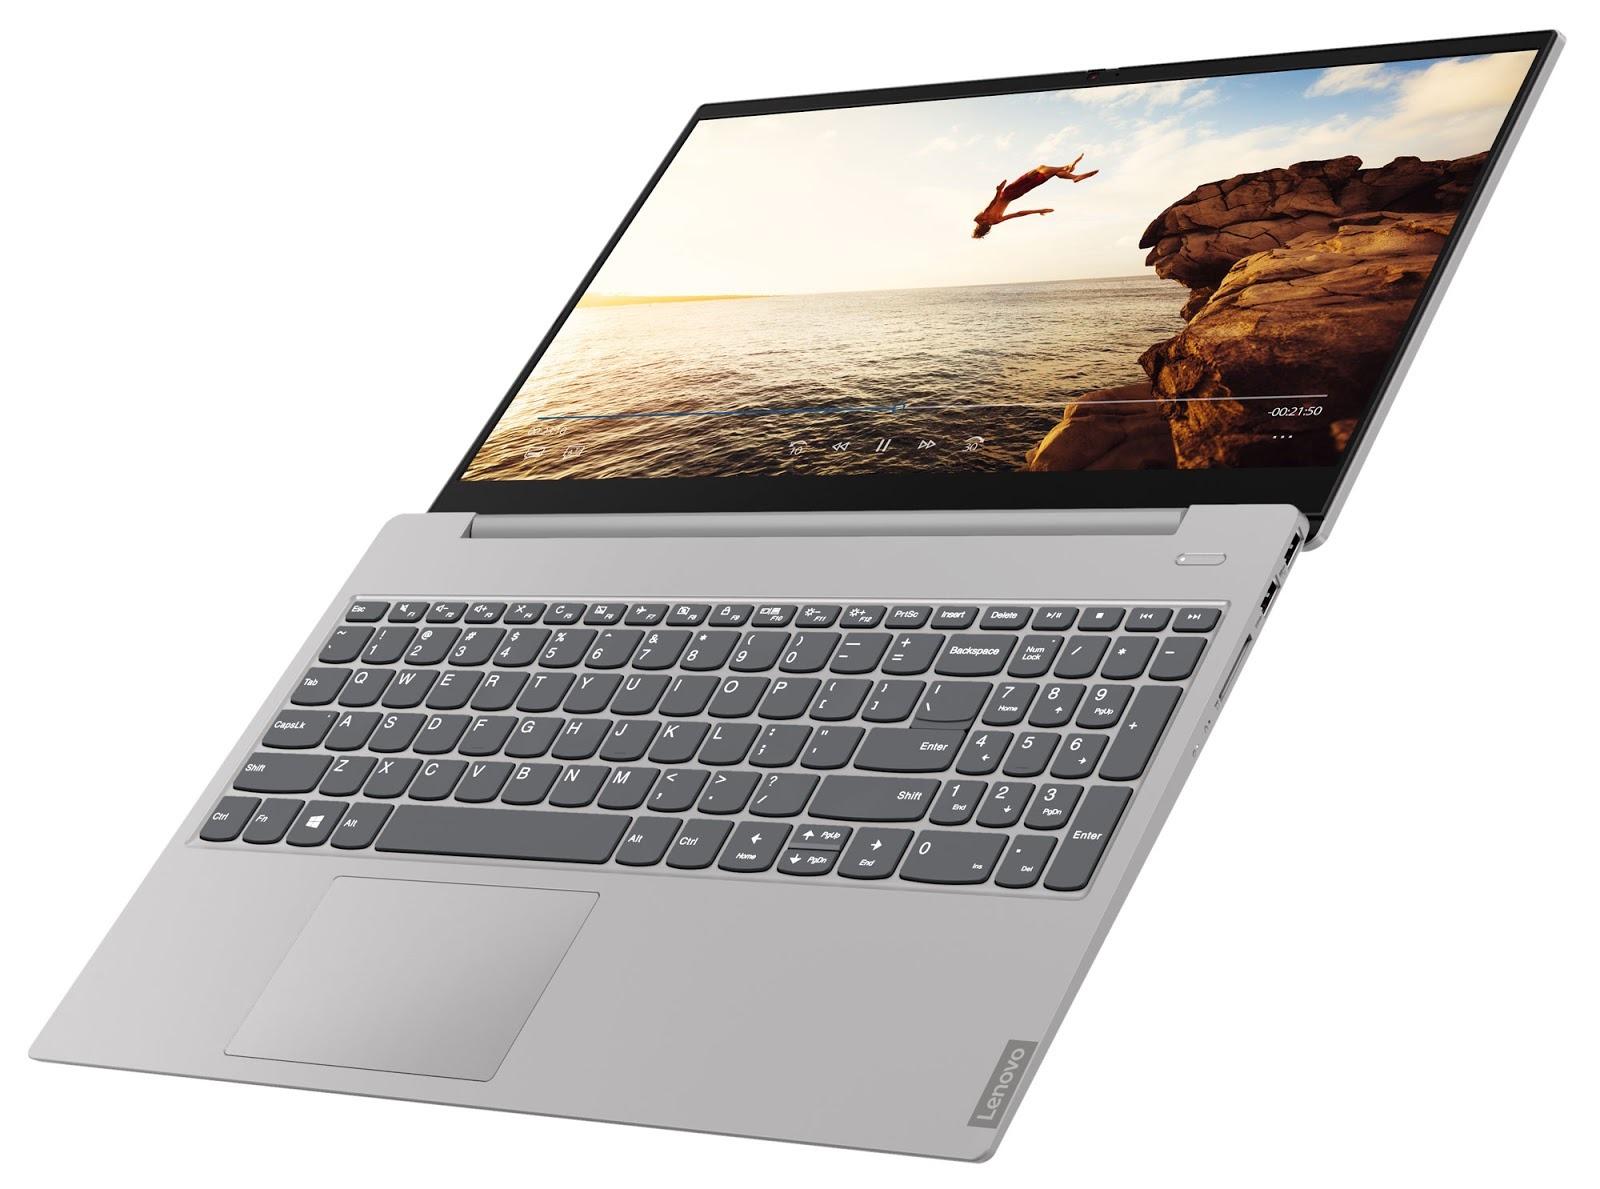 Фото 4. Ноутбук Lenovo ideapad S340-15IML (81NA006SRE)